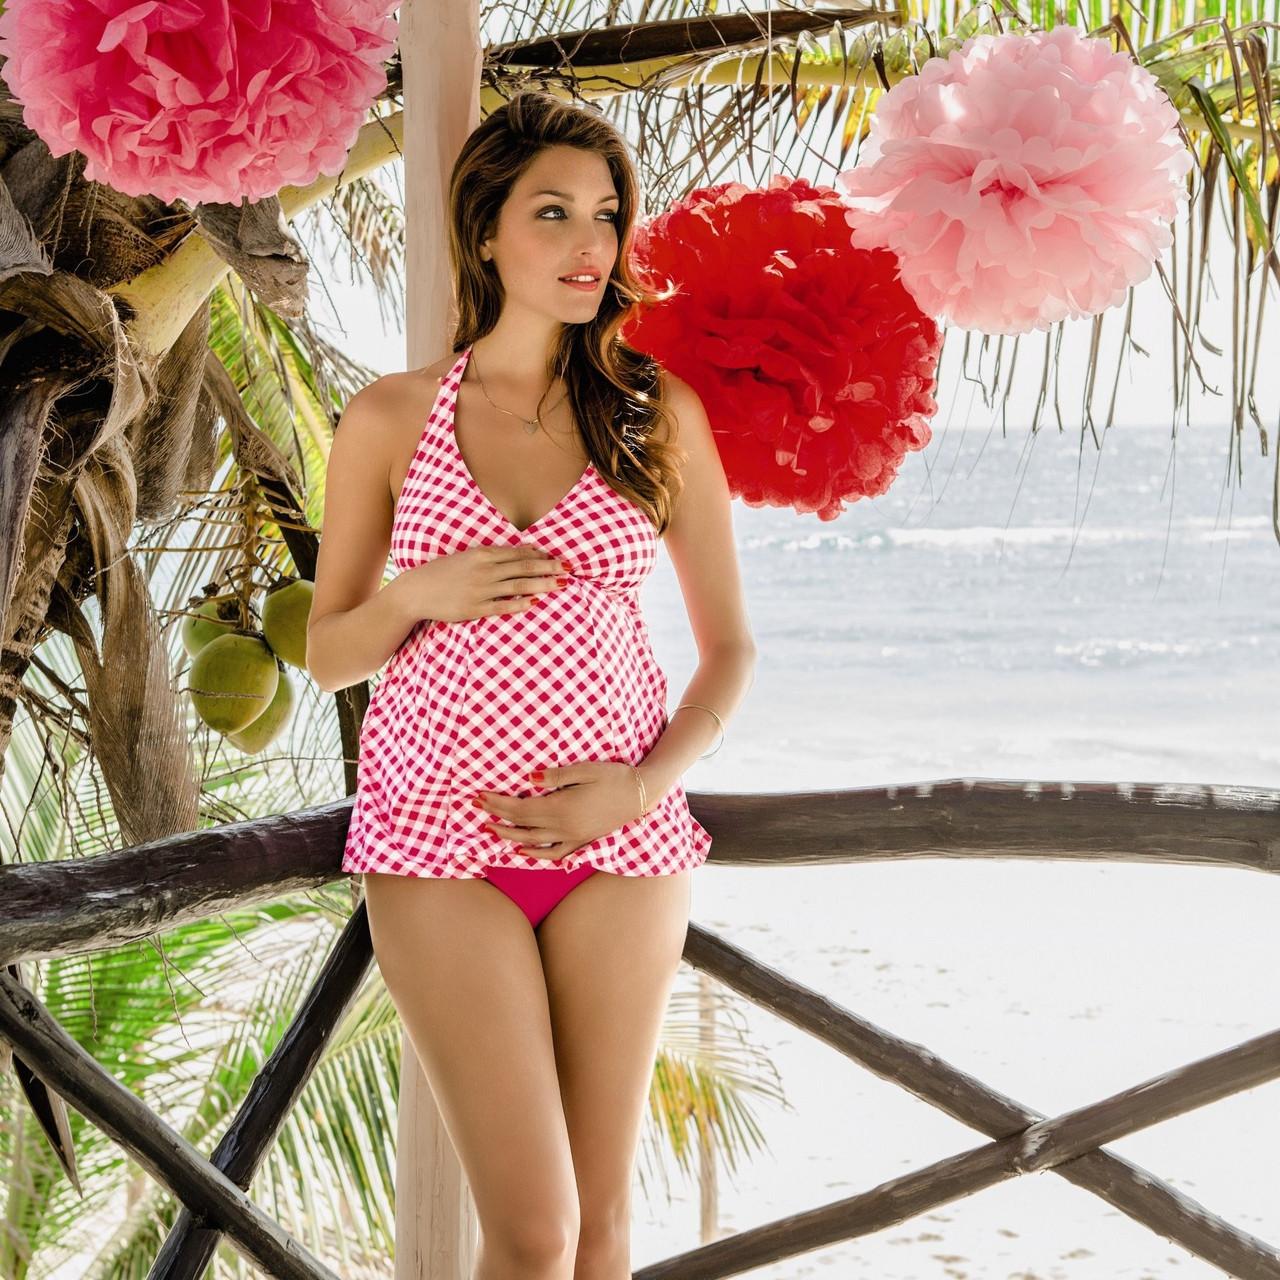 Фото беременных женщин смотреть бесплатно 10 фотография